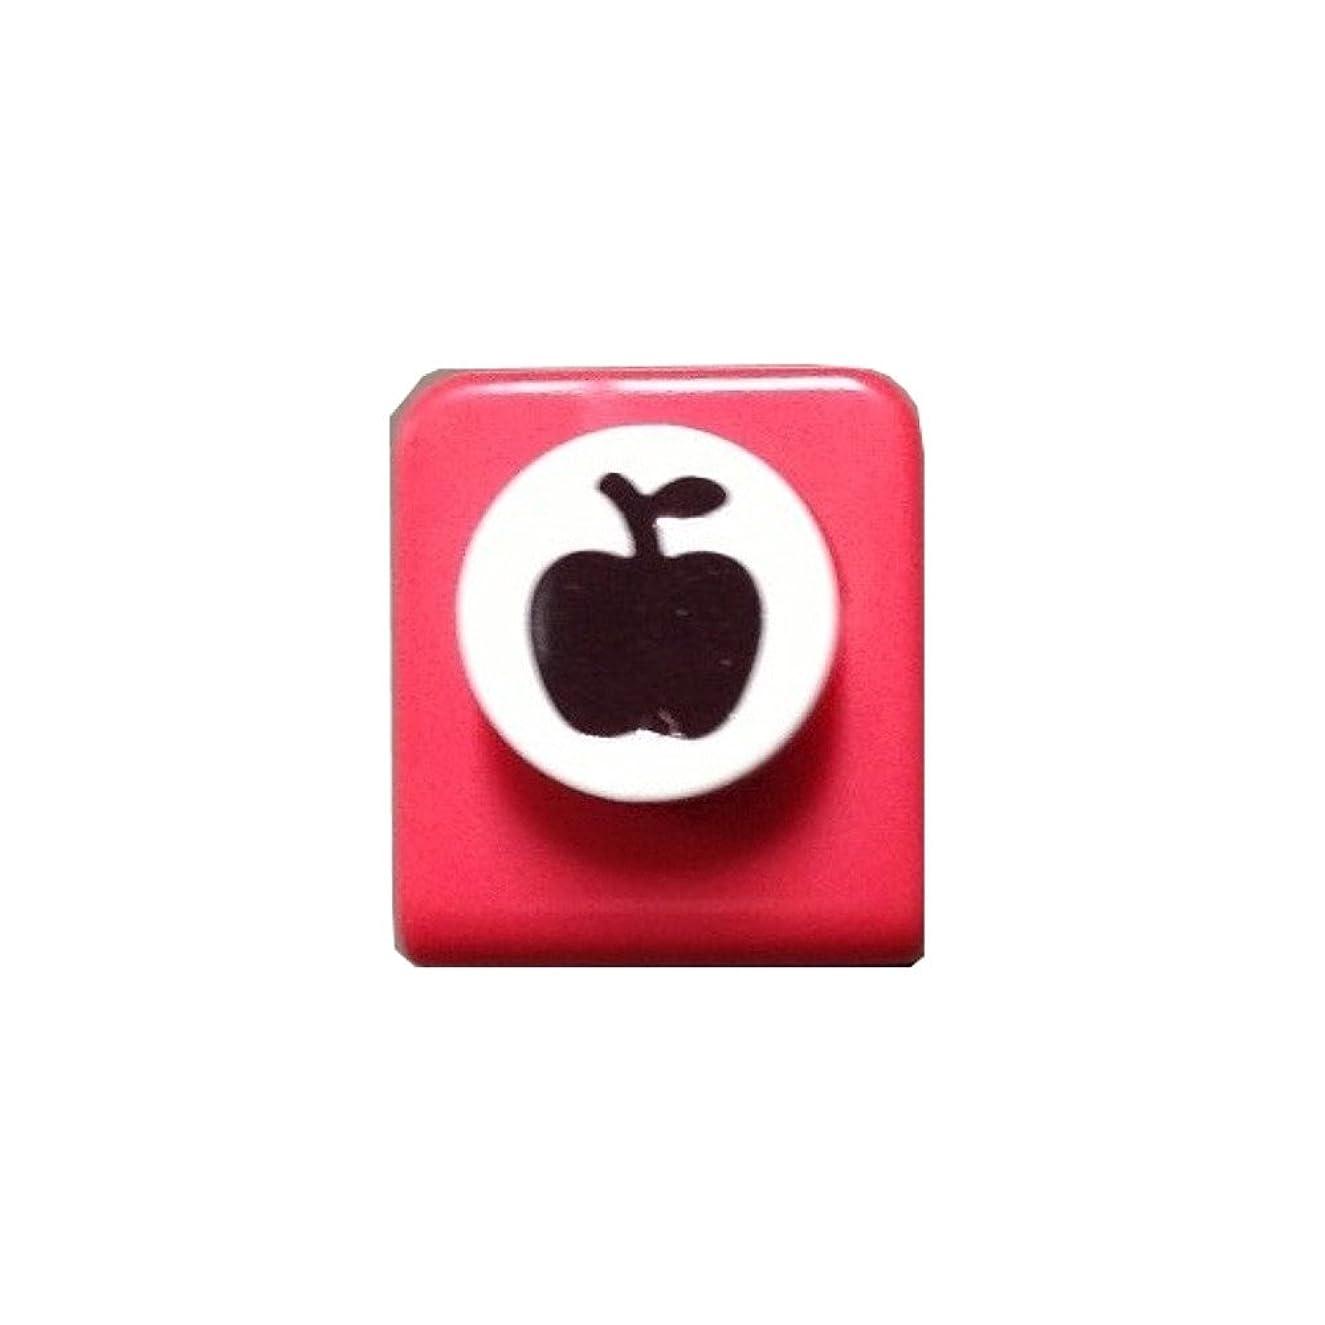 Carl Craft Mini Craft Paper Punch, Apple (CN12092)